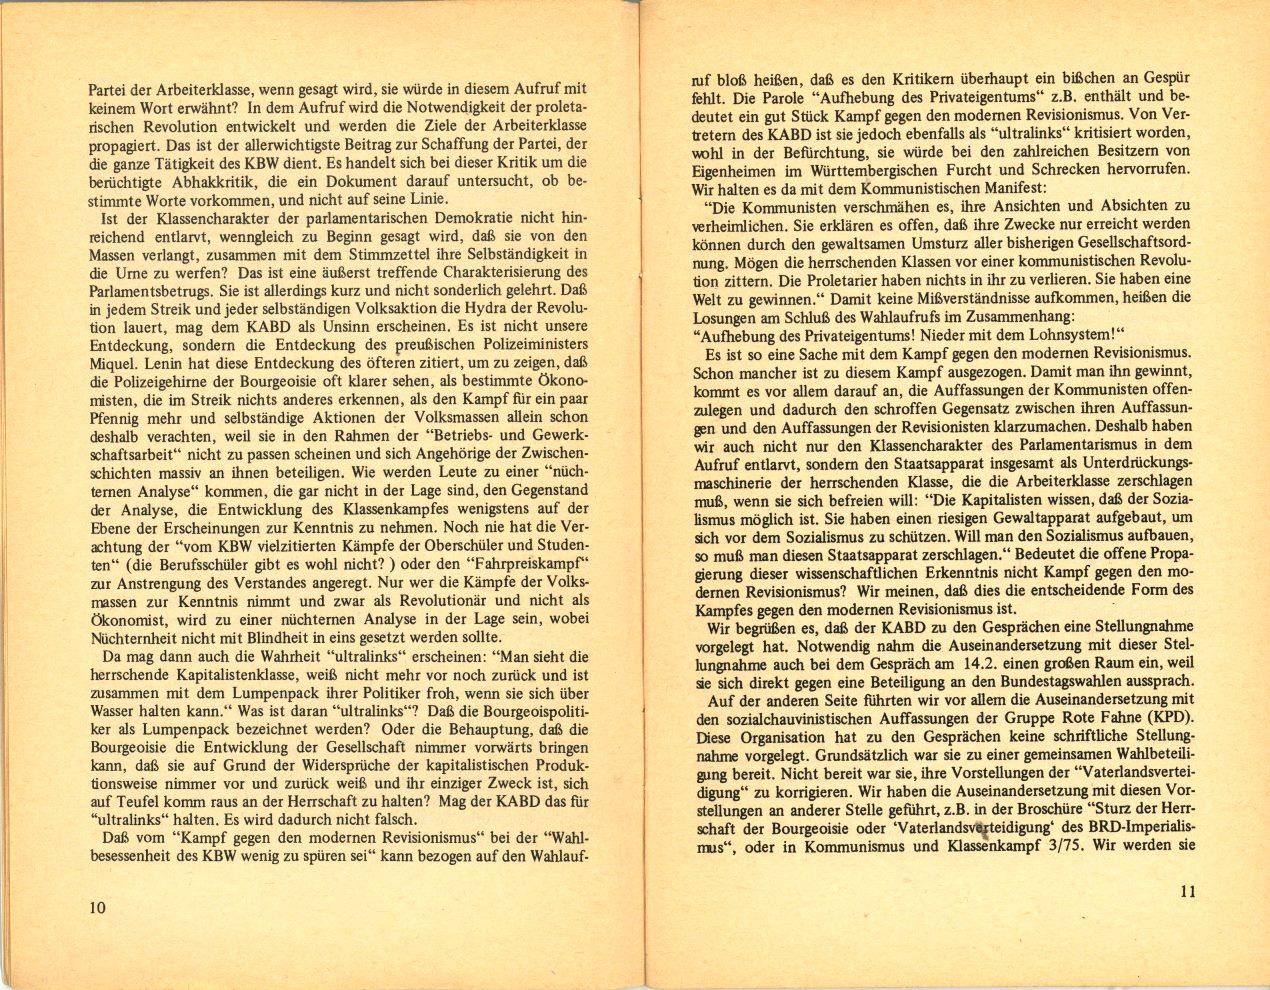 KBW_Materialien_zur_Auseinandersetzung_in_der_mlB_1976_07